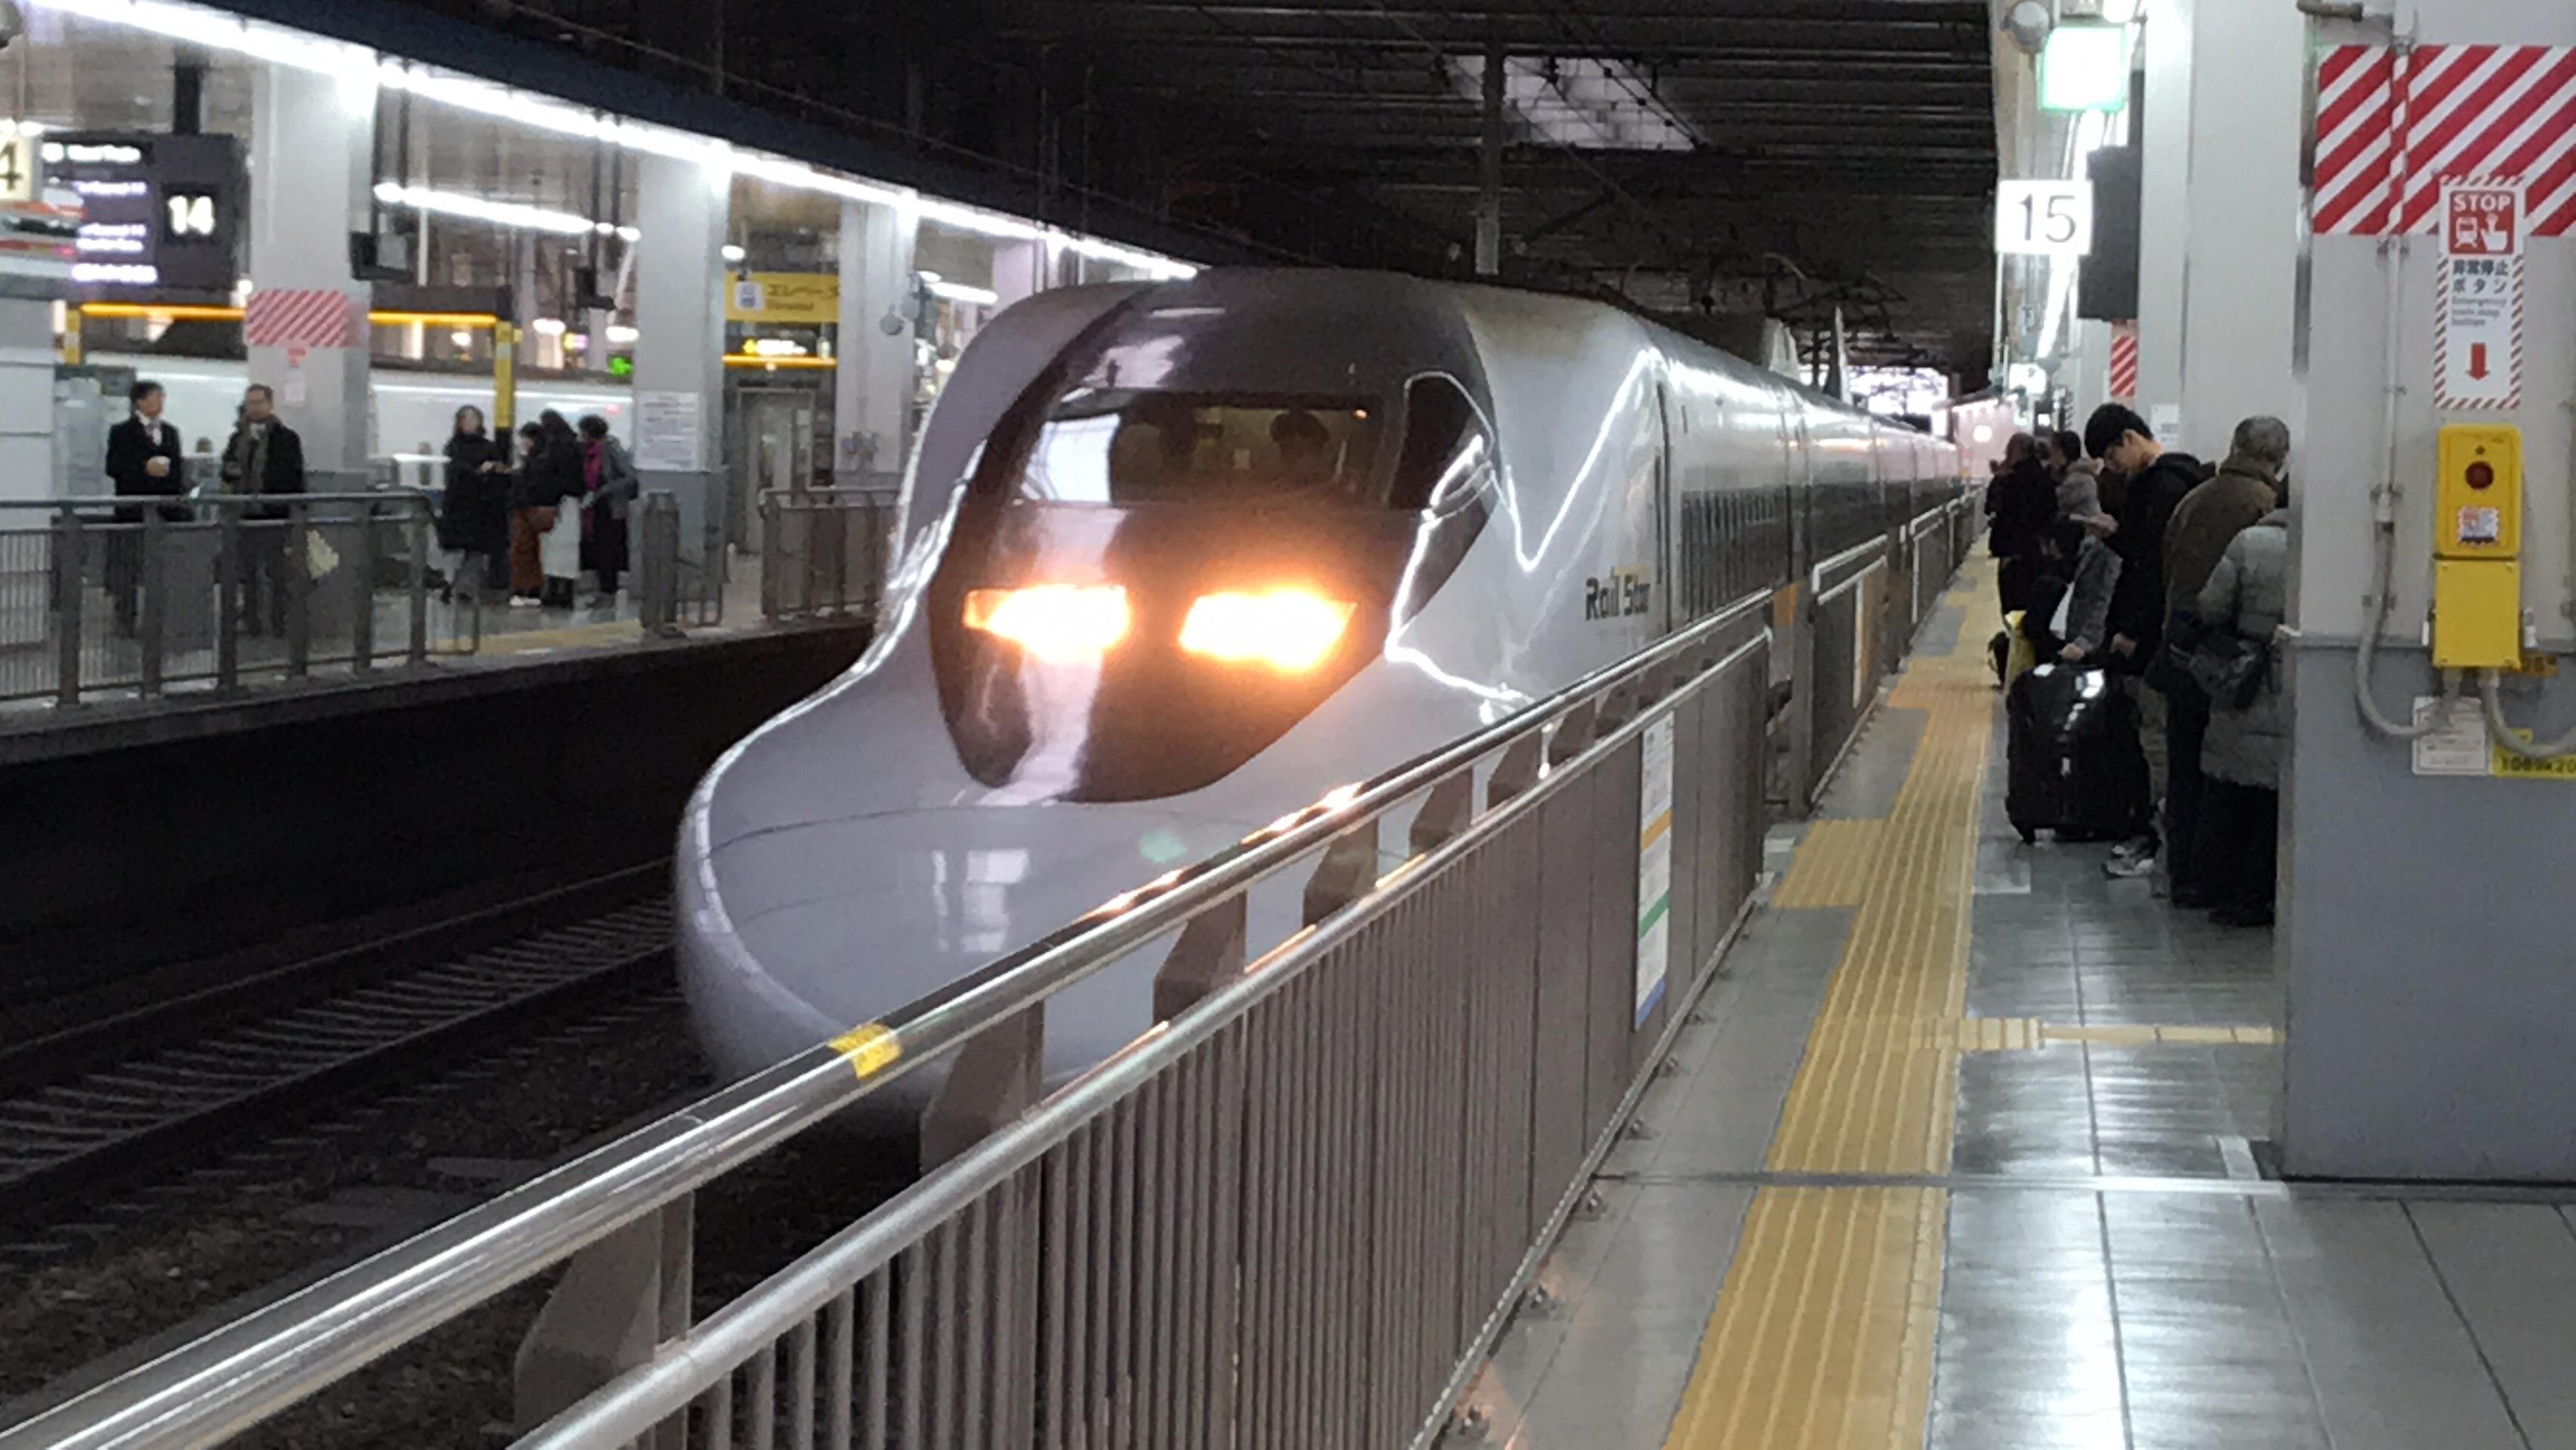 クリスマスツアー 【300円で新幹線?!超激安の博多南線に乗車!】